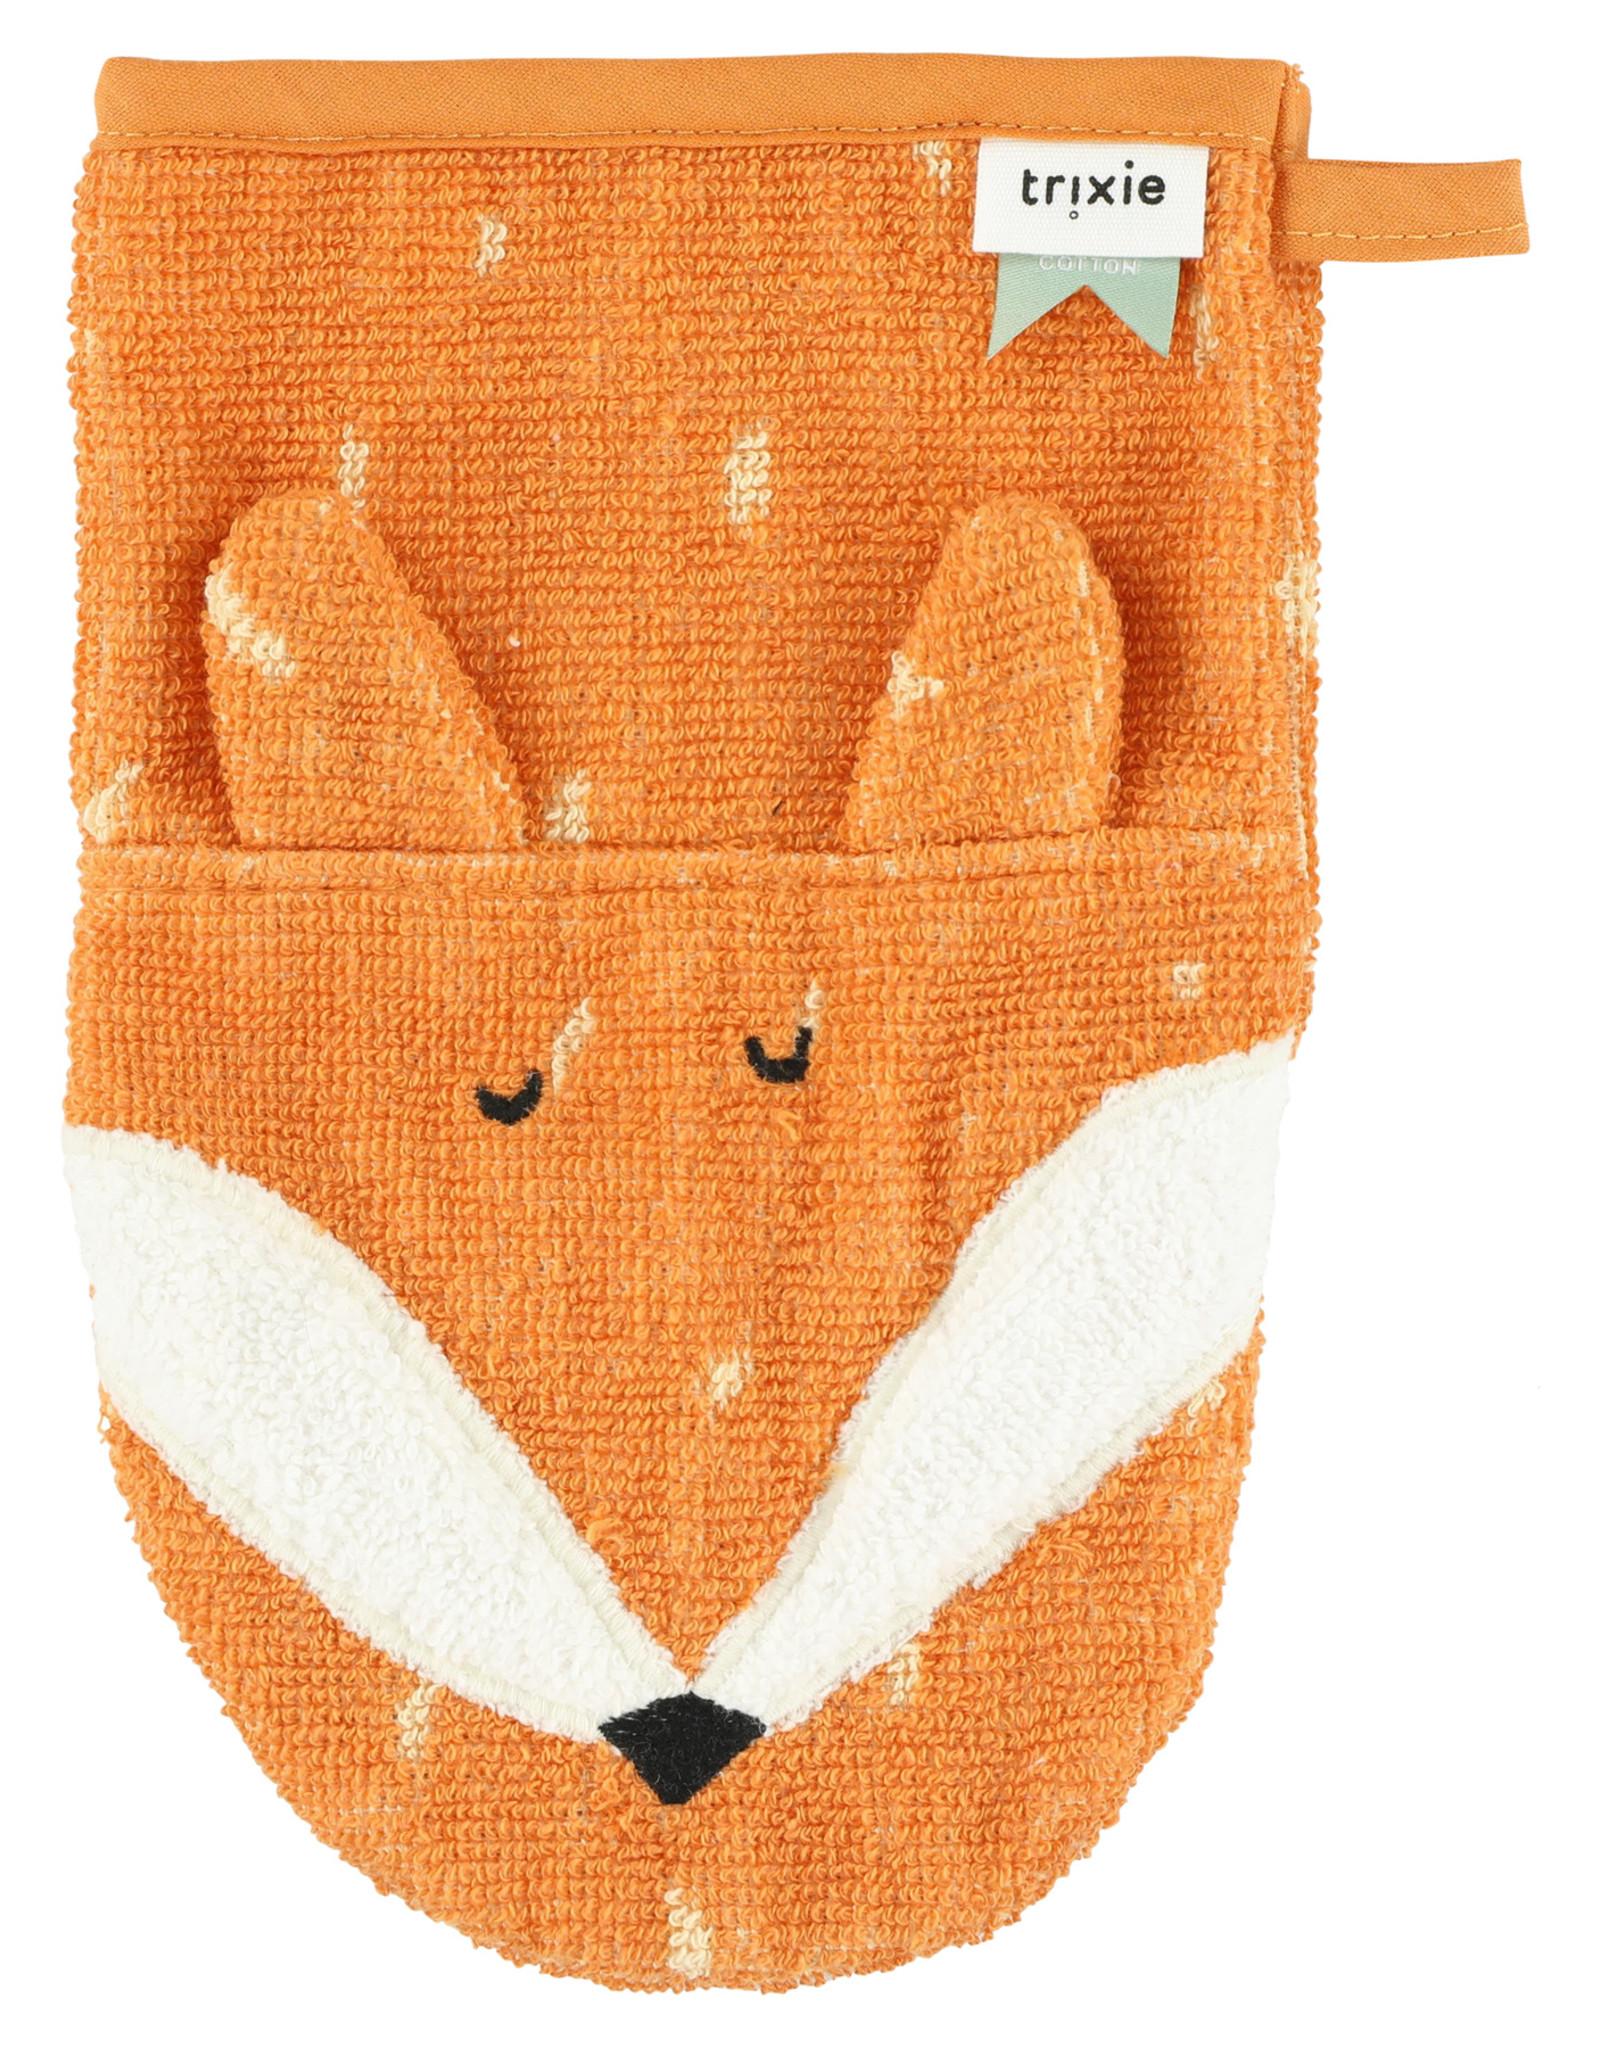 Trixie Washcloth - Mr. Fox